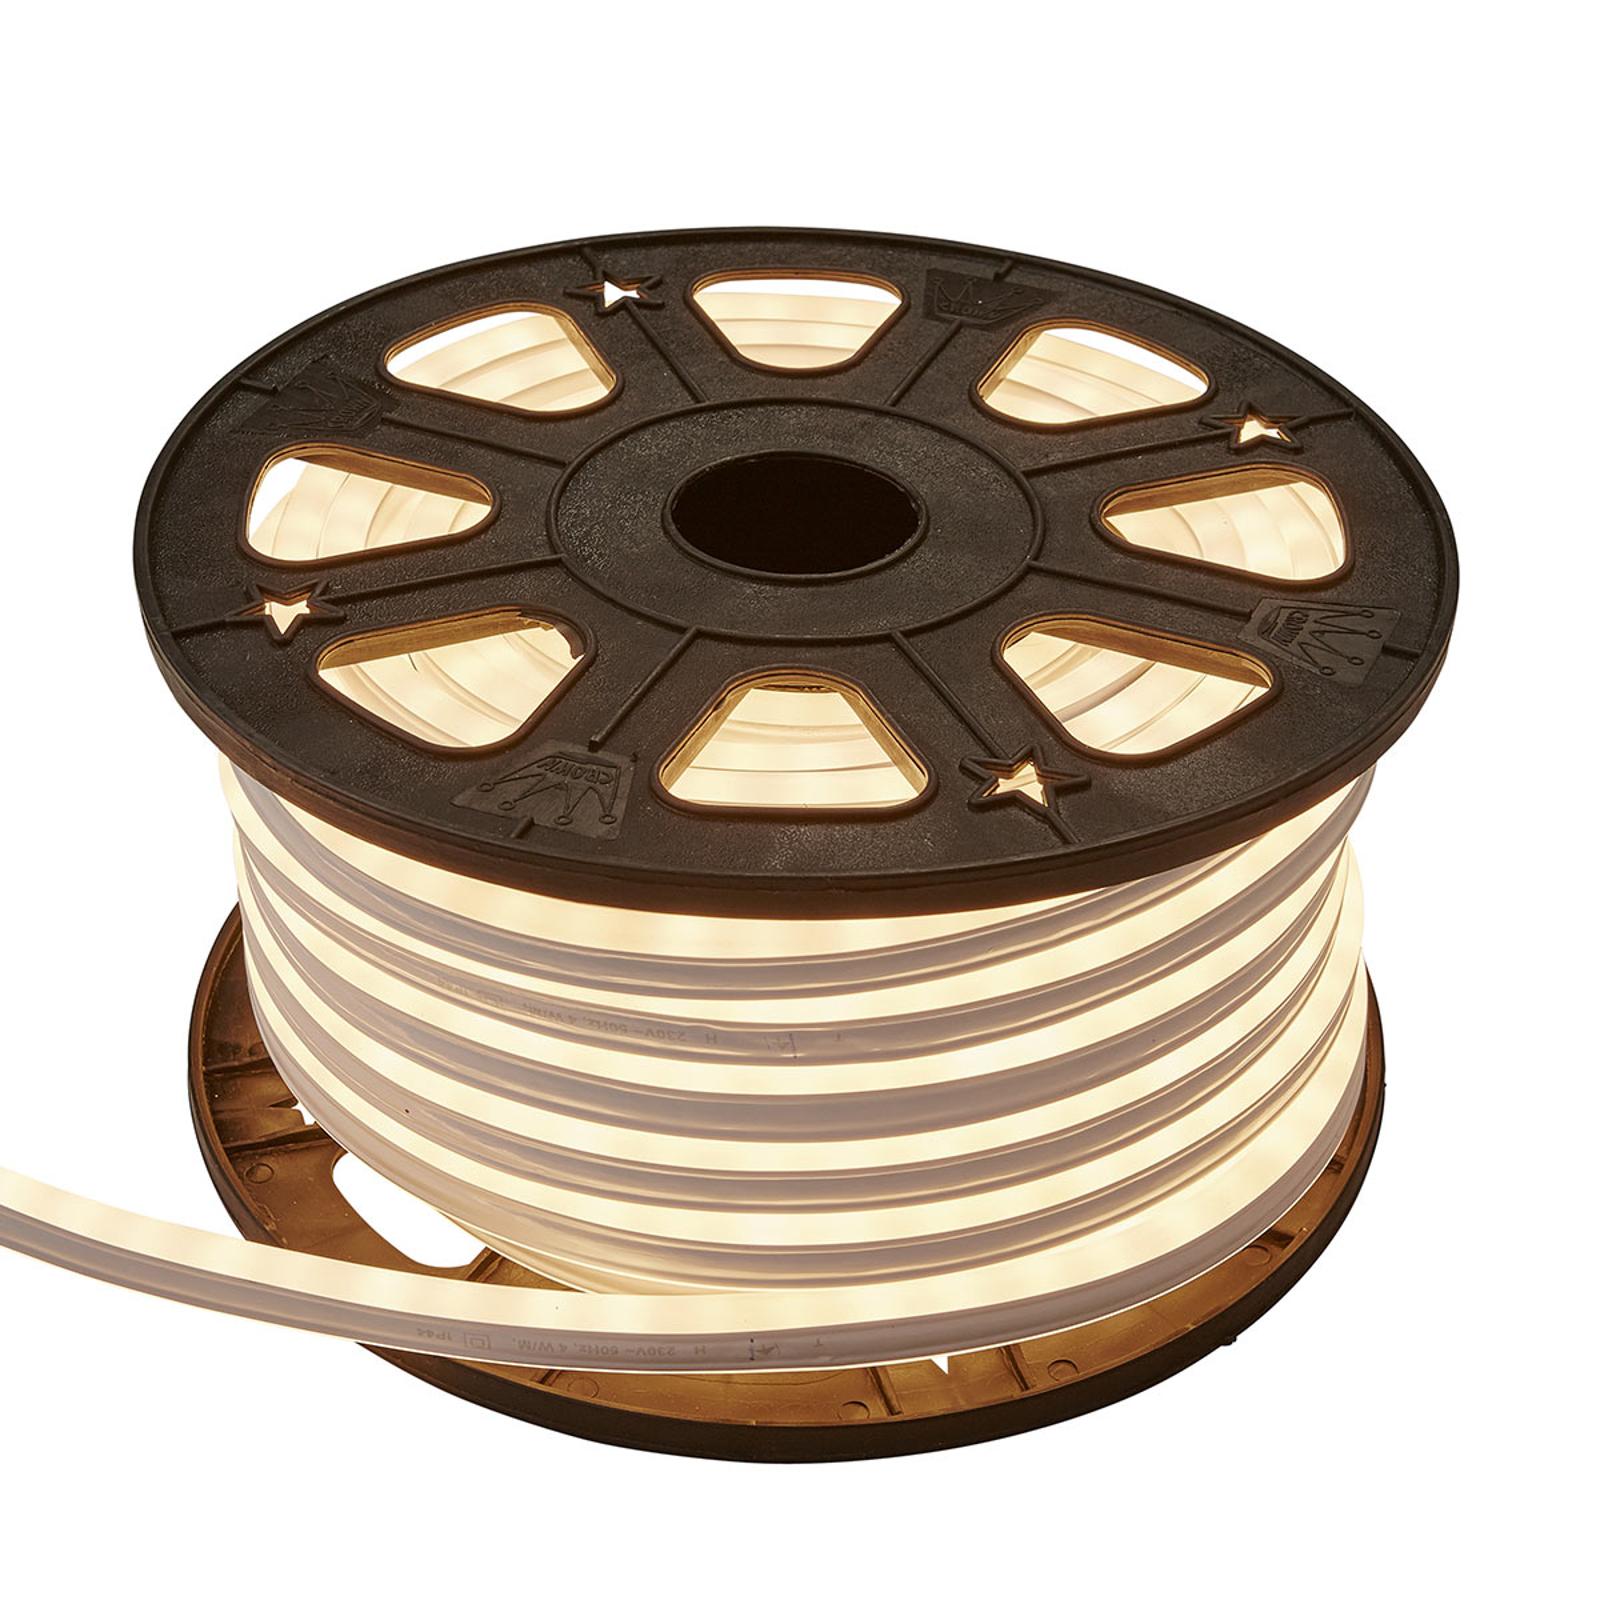 LED-valokaapeli NEOLED REEL lämmin valkoinen